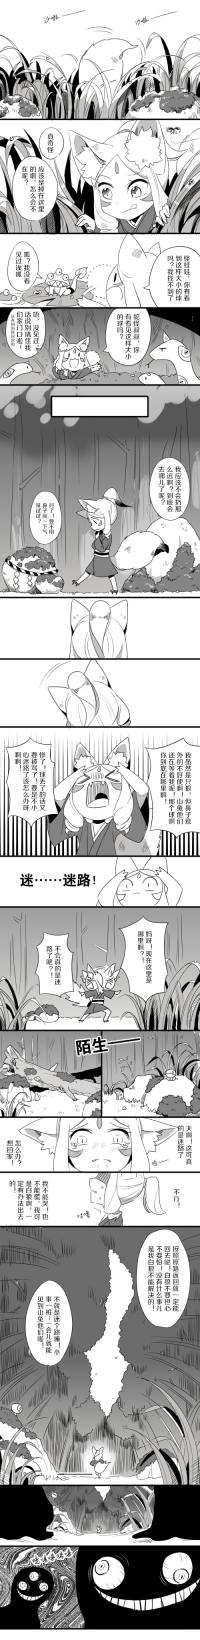 【万年之约】竹狼cp第一章第二话,缓慢更新